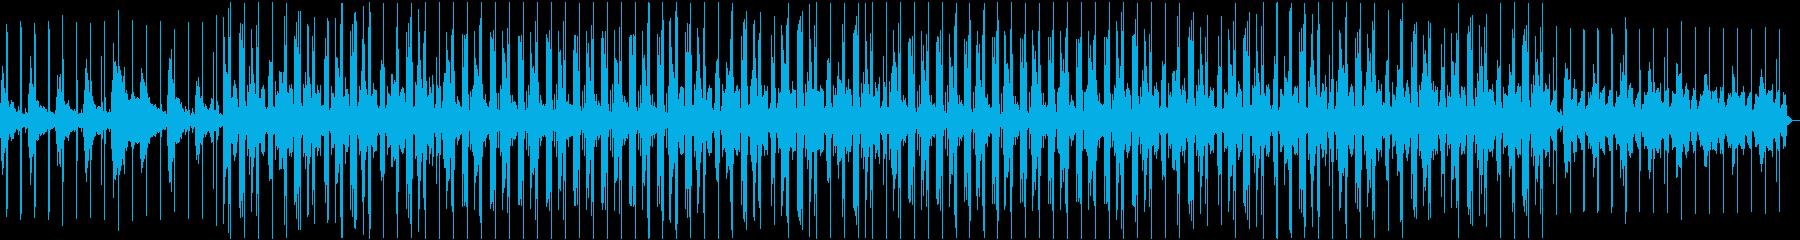 雨の日/ローファイ/チルポップ/優しいの再生済みの波形